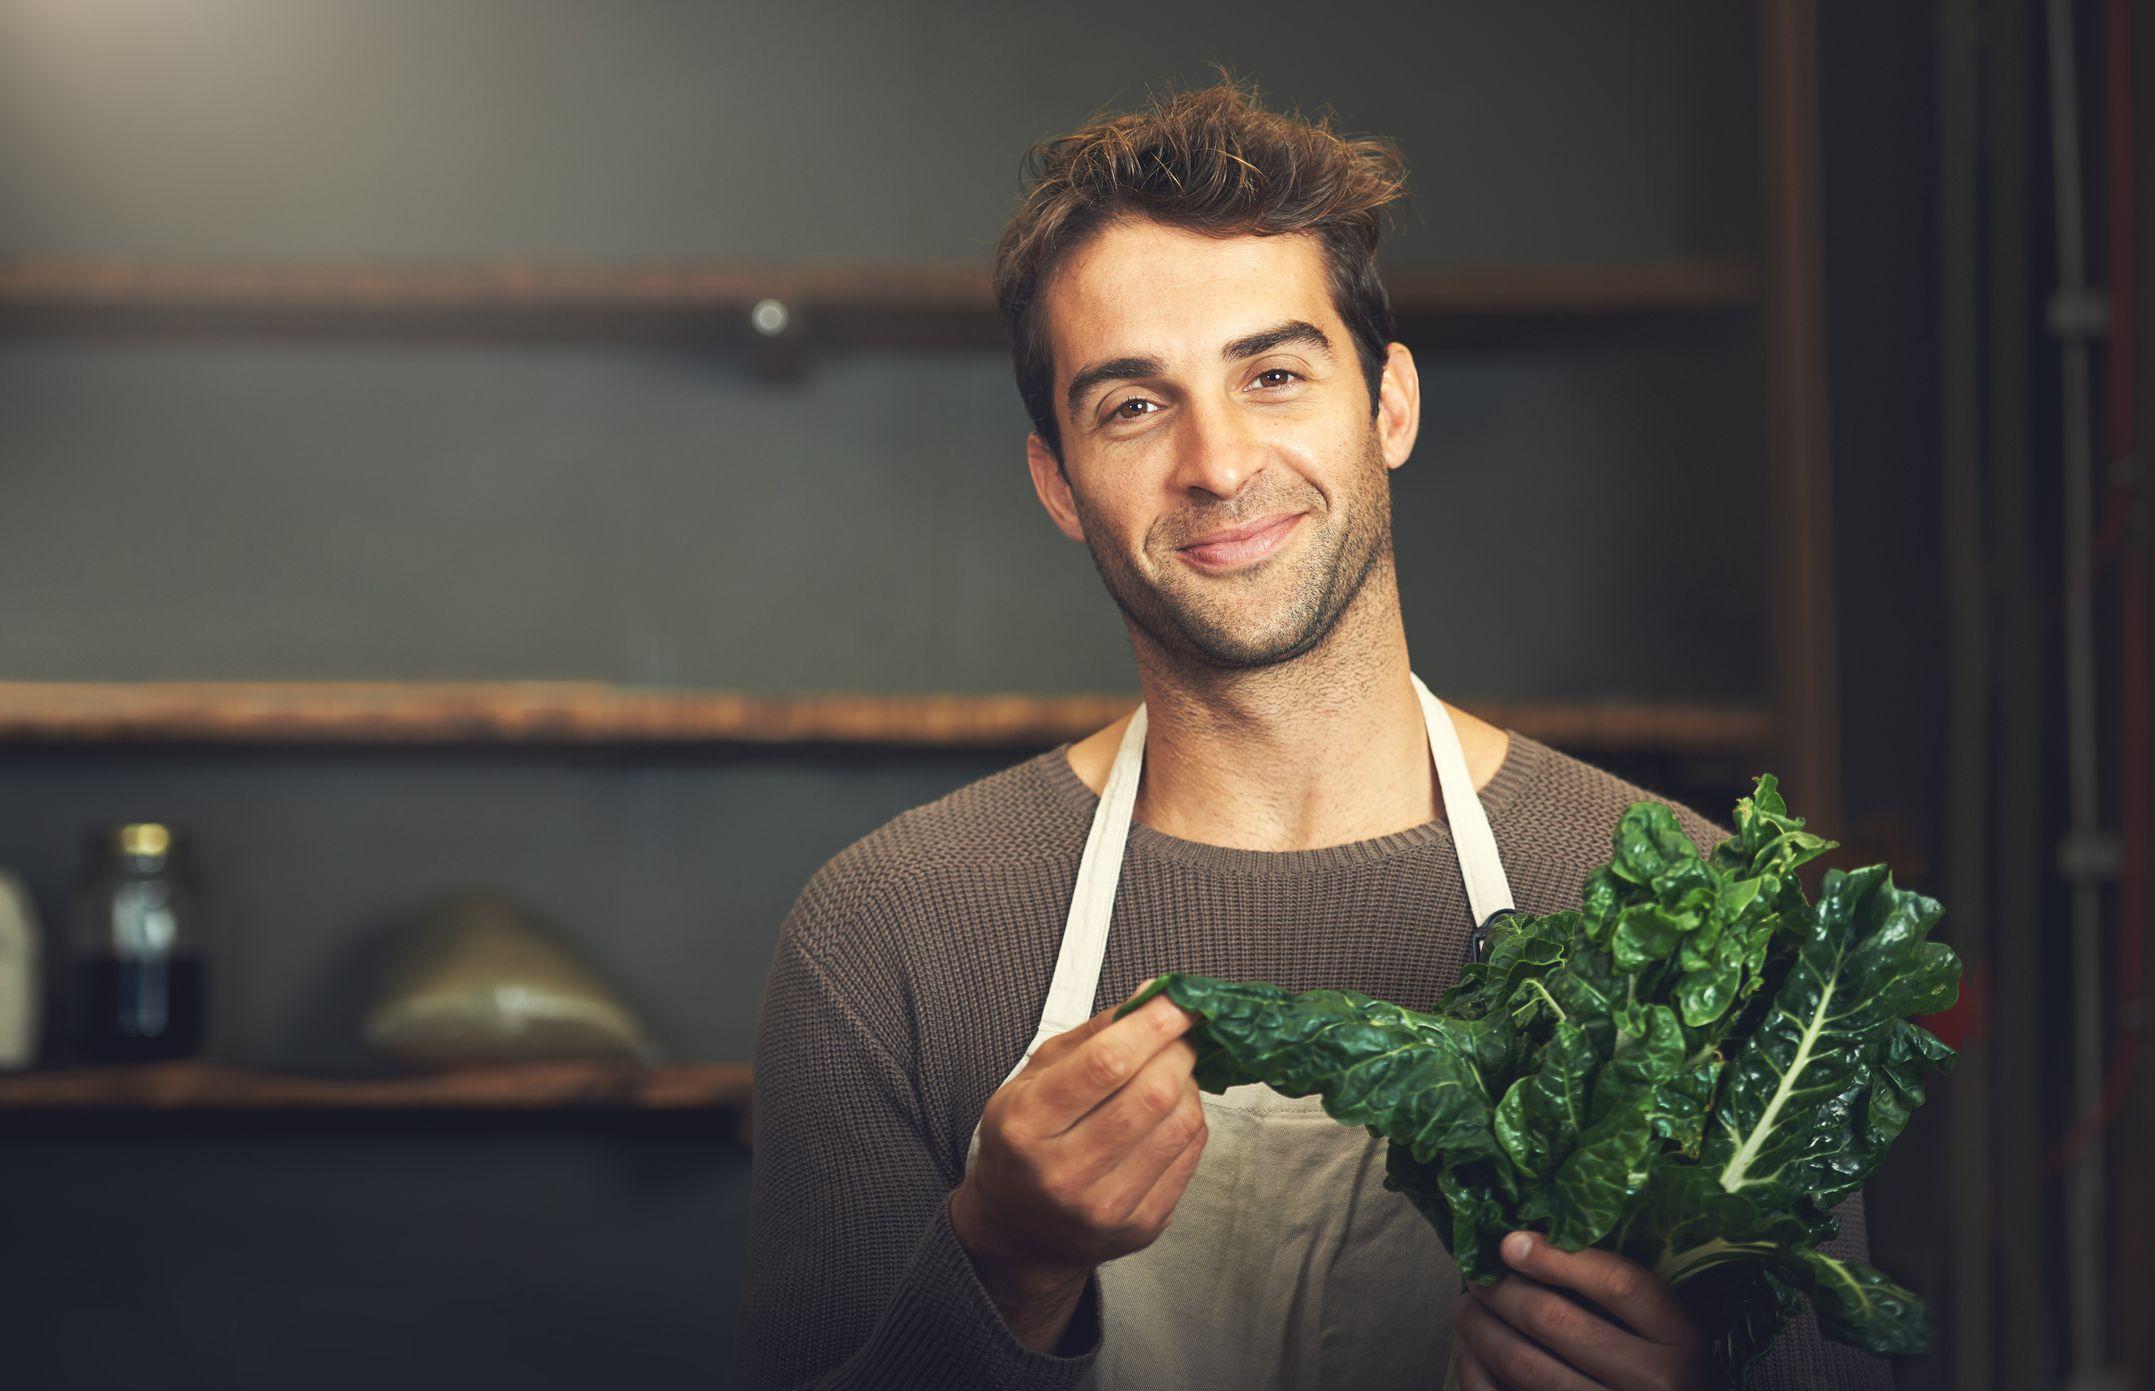 [Comida orgânica: quais as vantagens desse tipo de alimentação?]